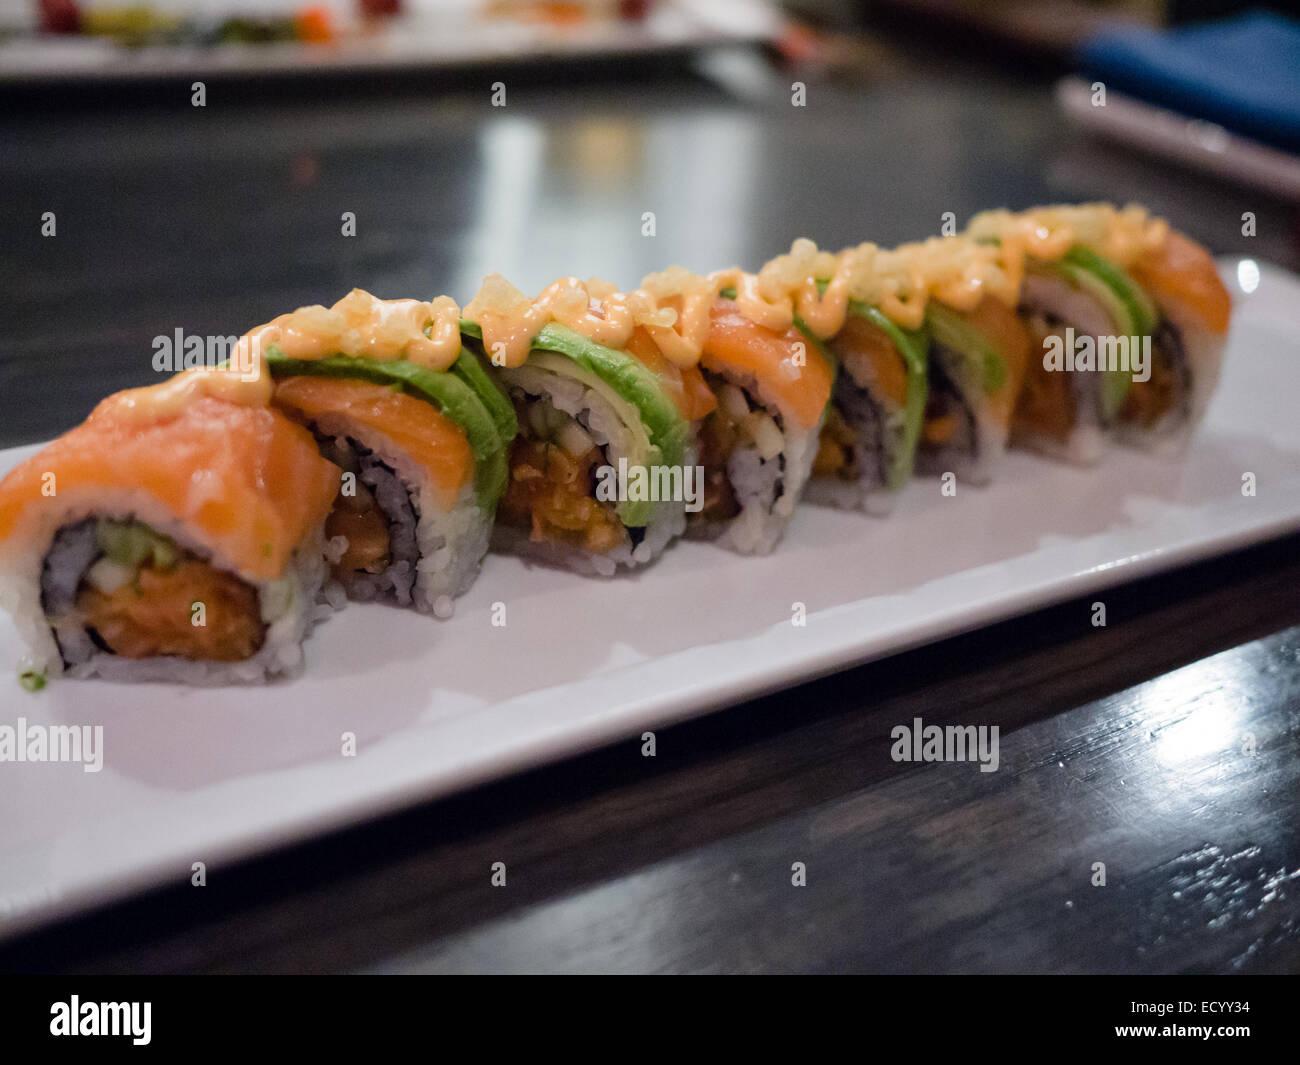 Japanese Sushi roll - Stock Image